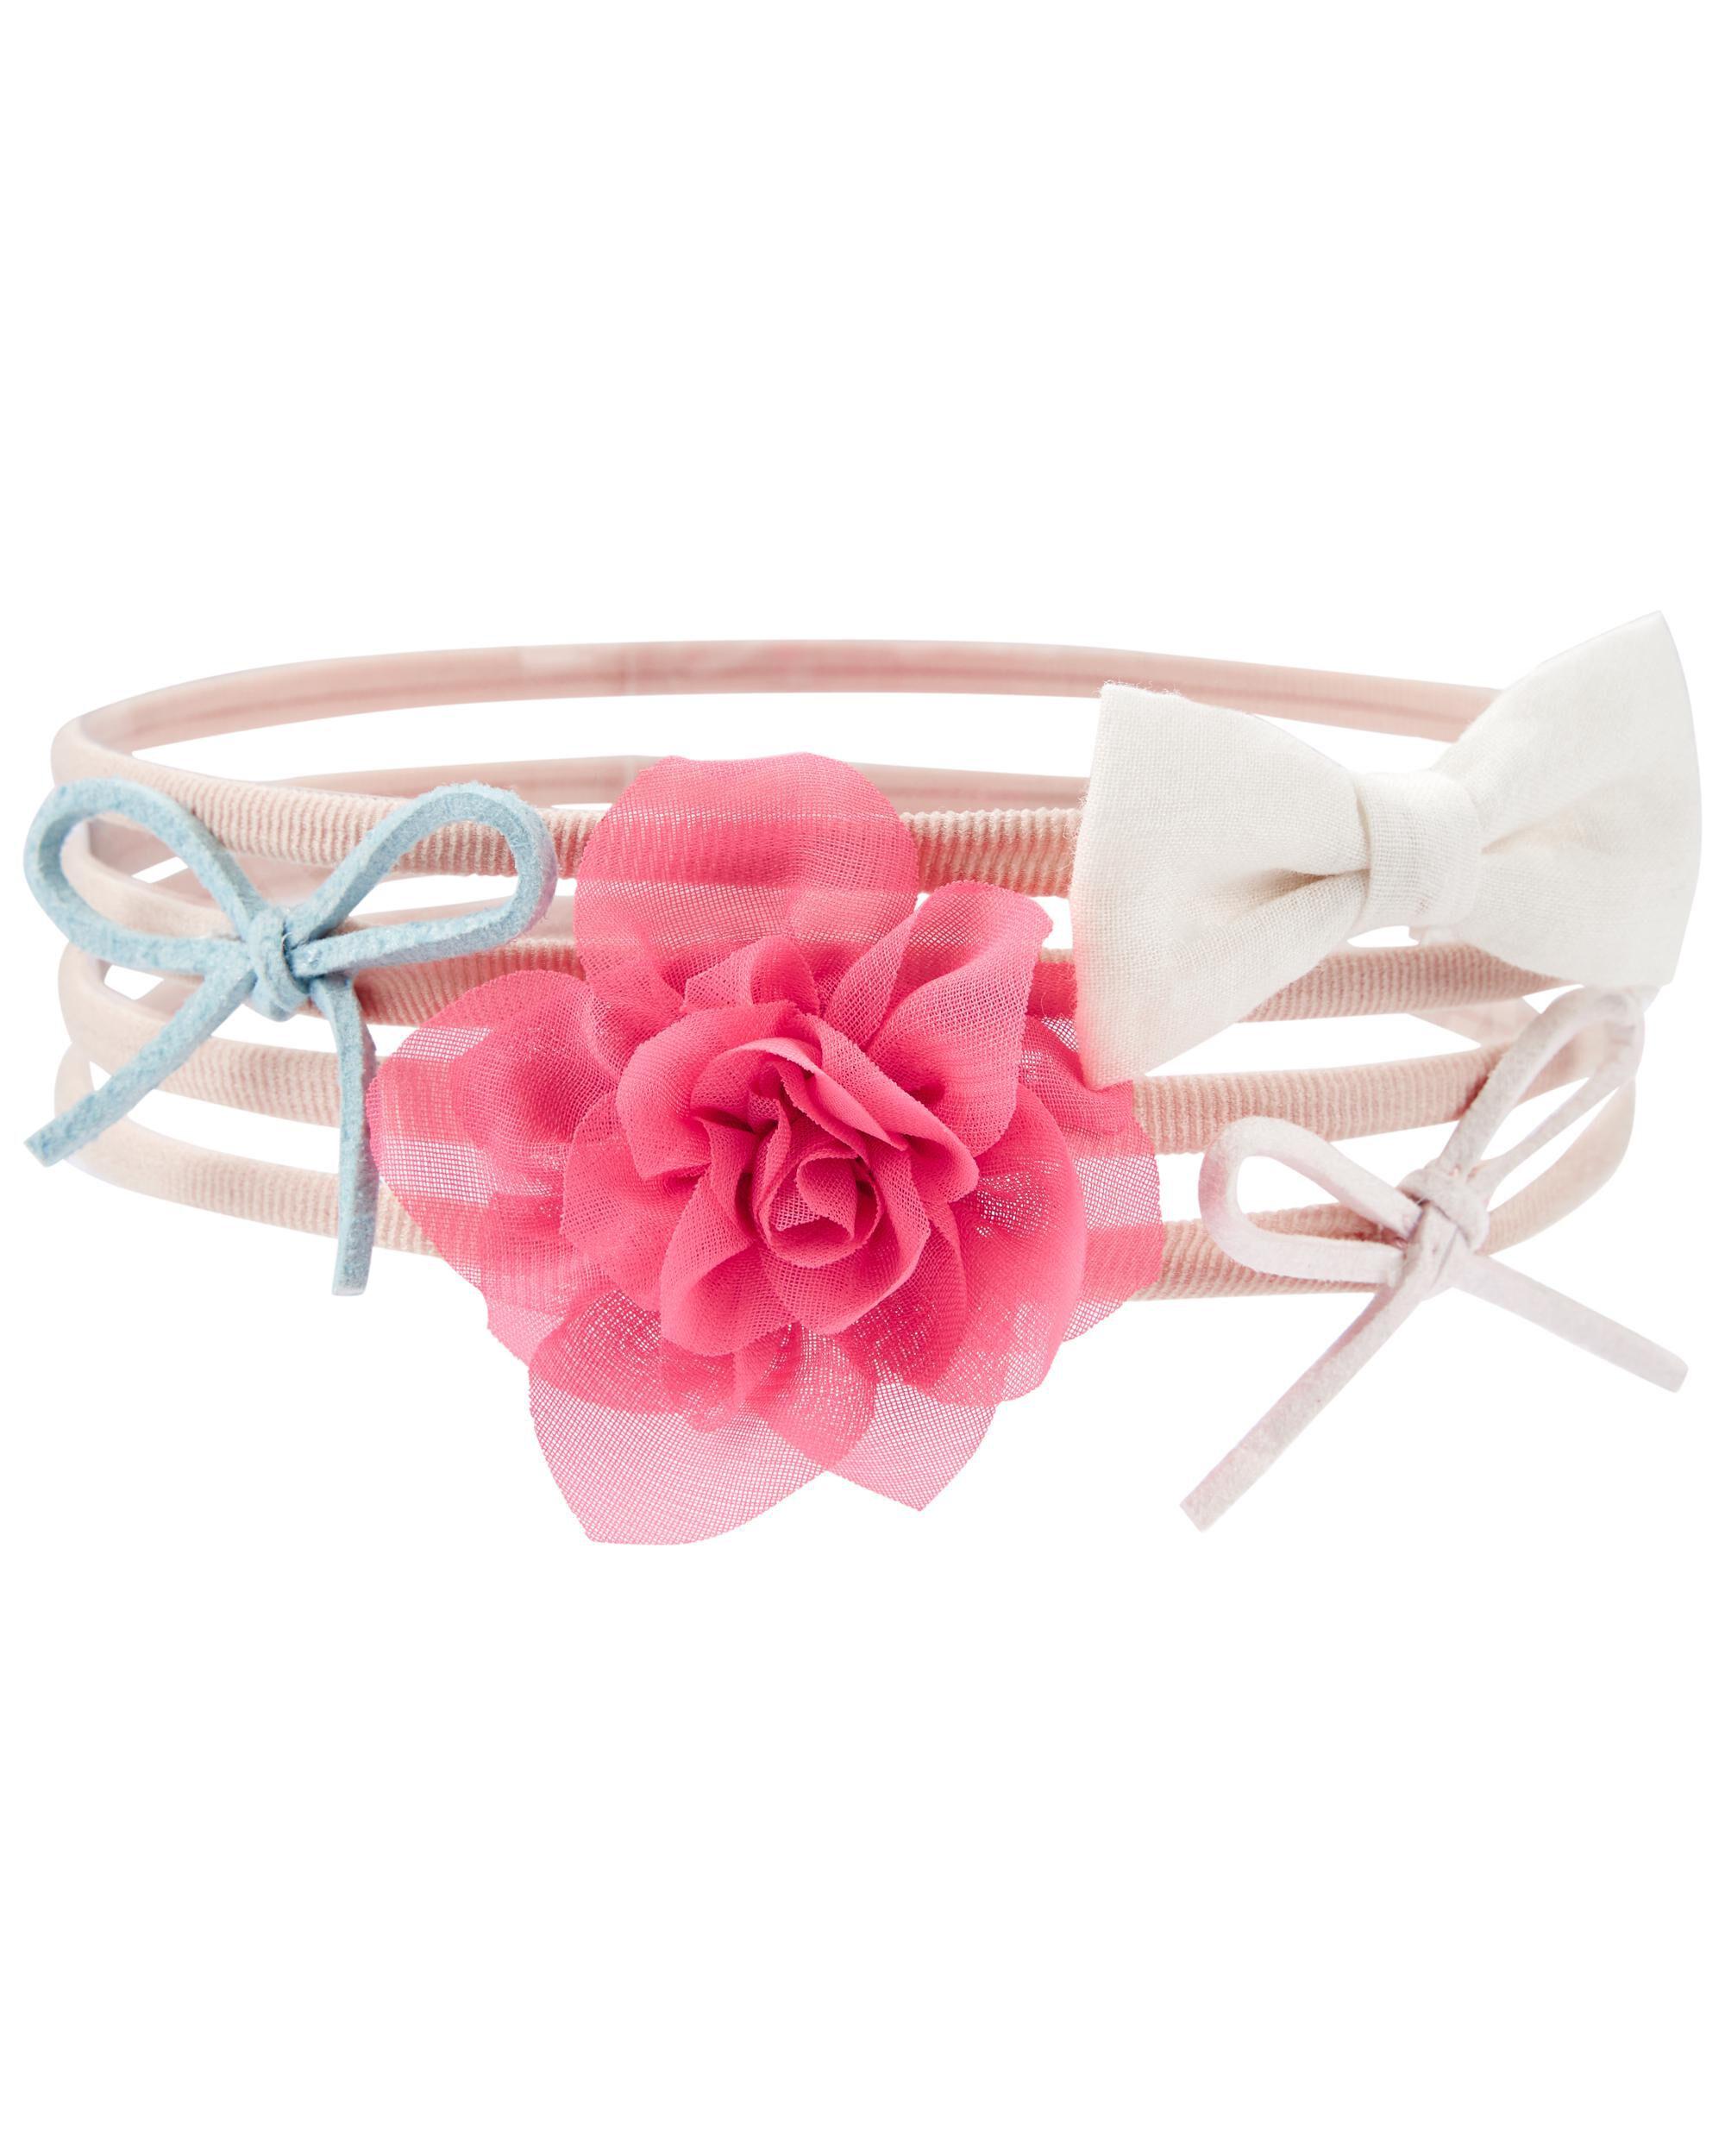 Oshkoshbgosh 4-Pack Baby Headwrap